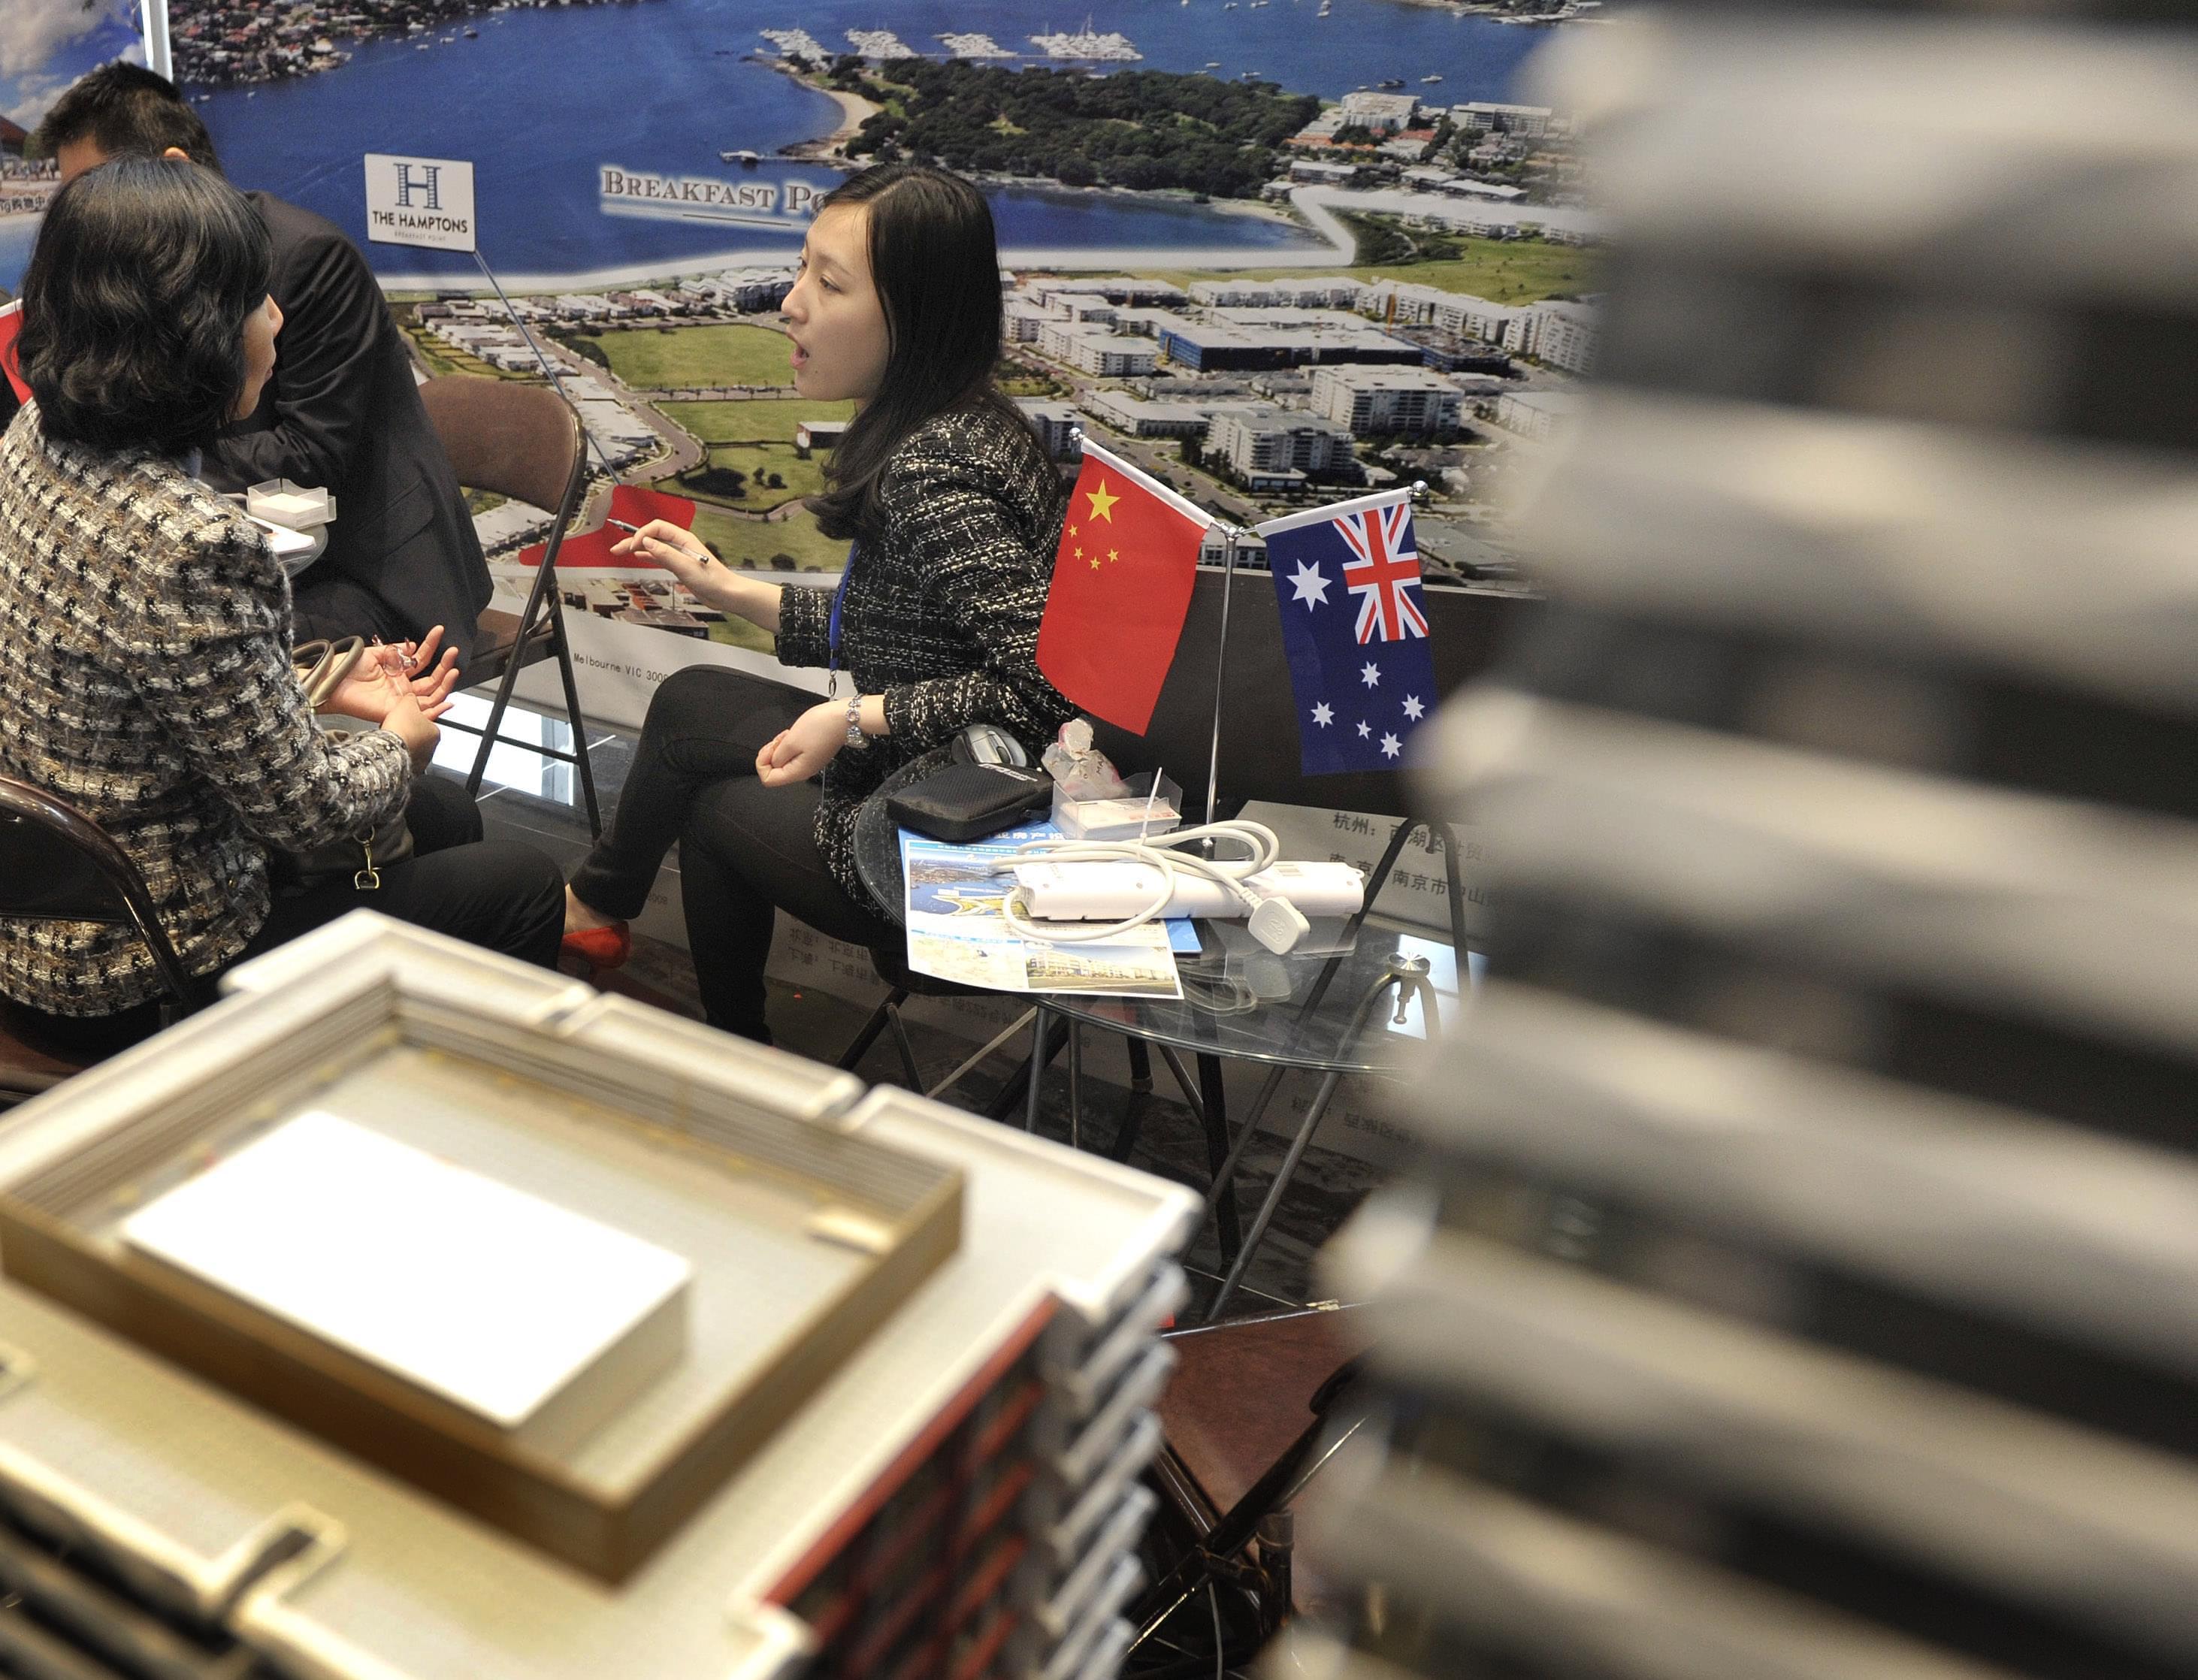 2013年04月20日,江苏省南京市,海外房产展销会上房地产中介机构推介澳洲投资移民项目。/CFP